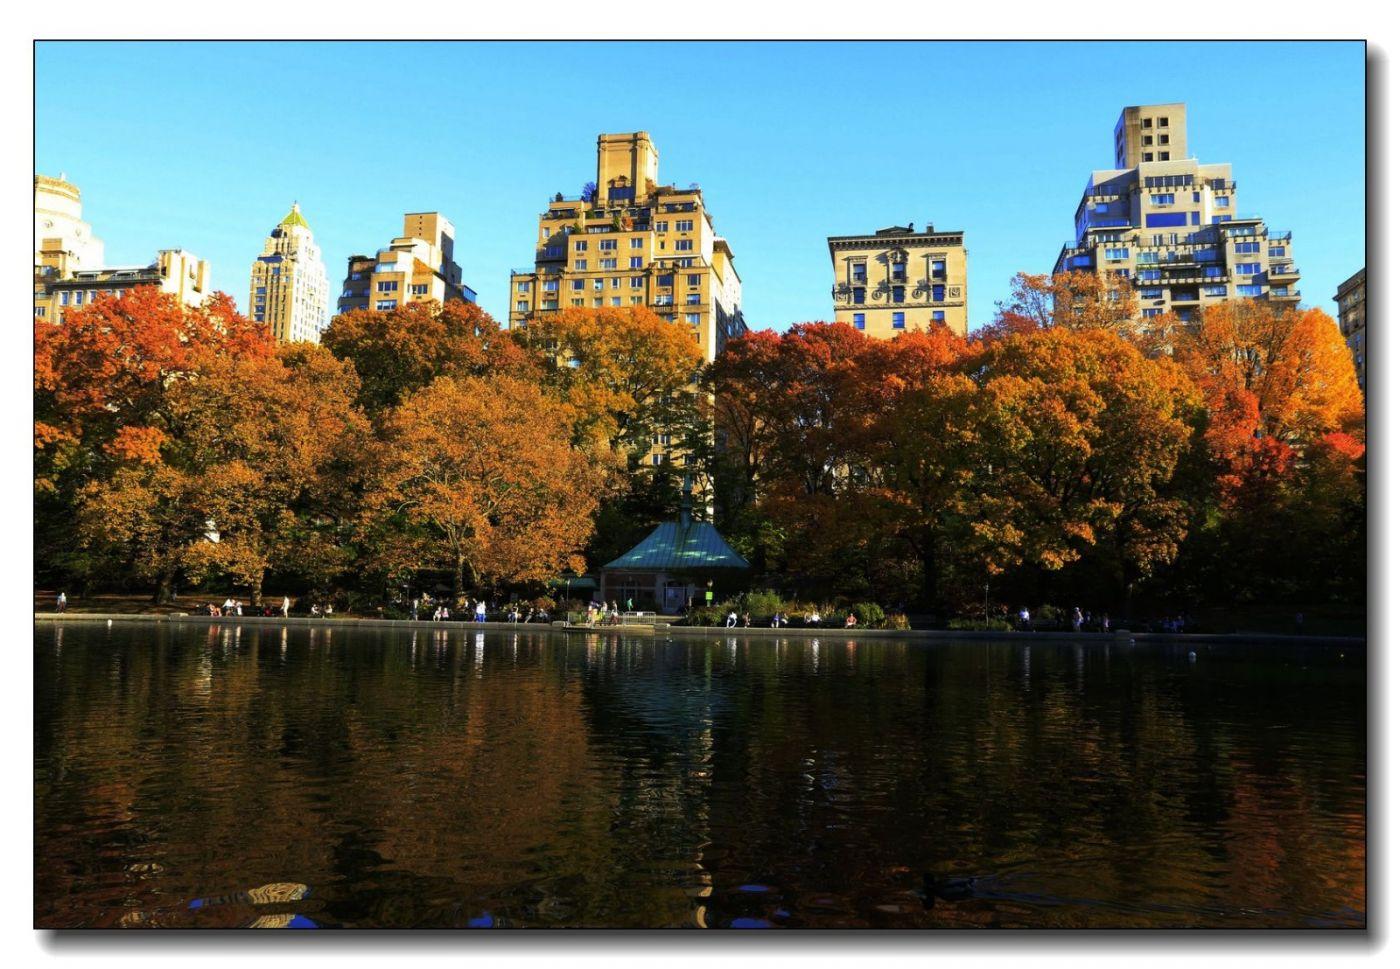 深秋色彩-中央公园2_图1-1